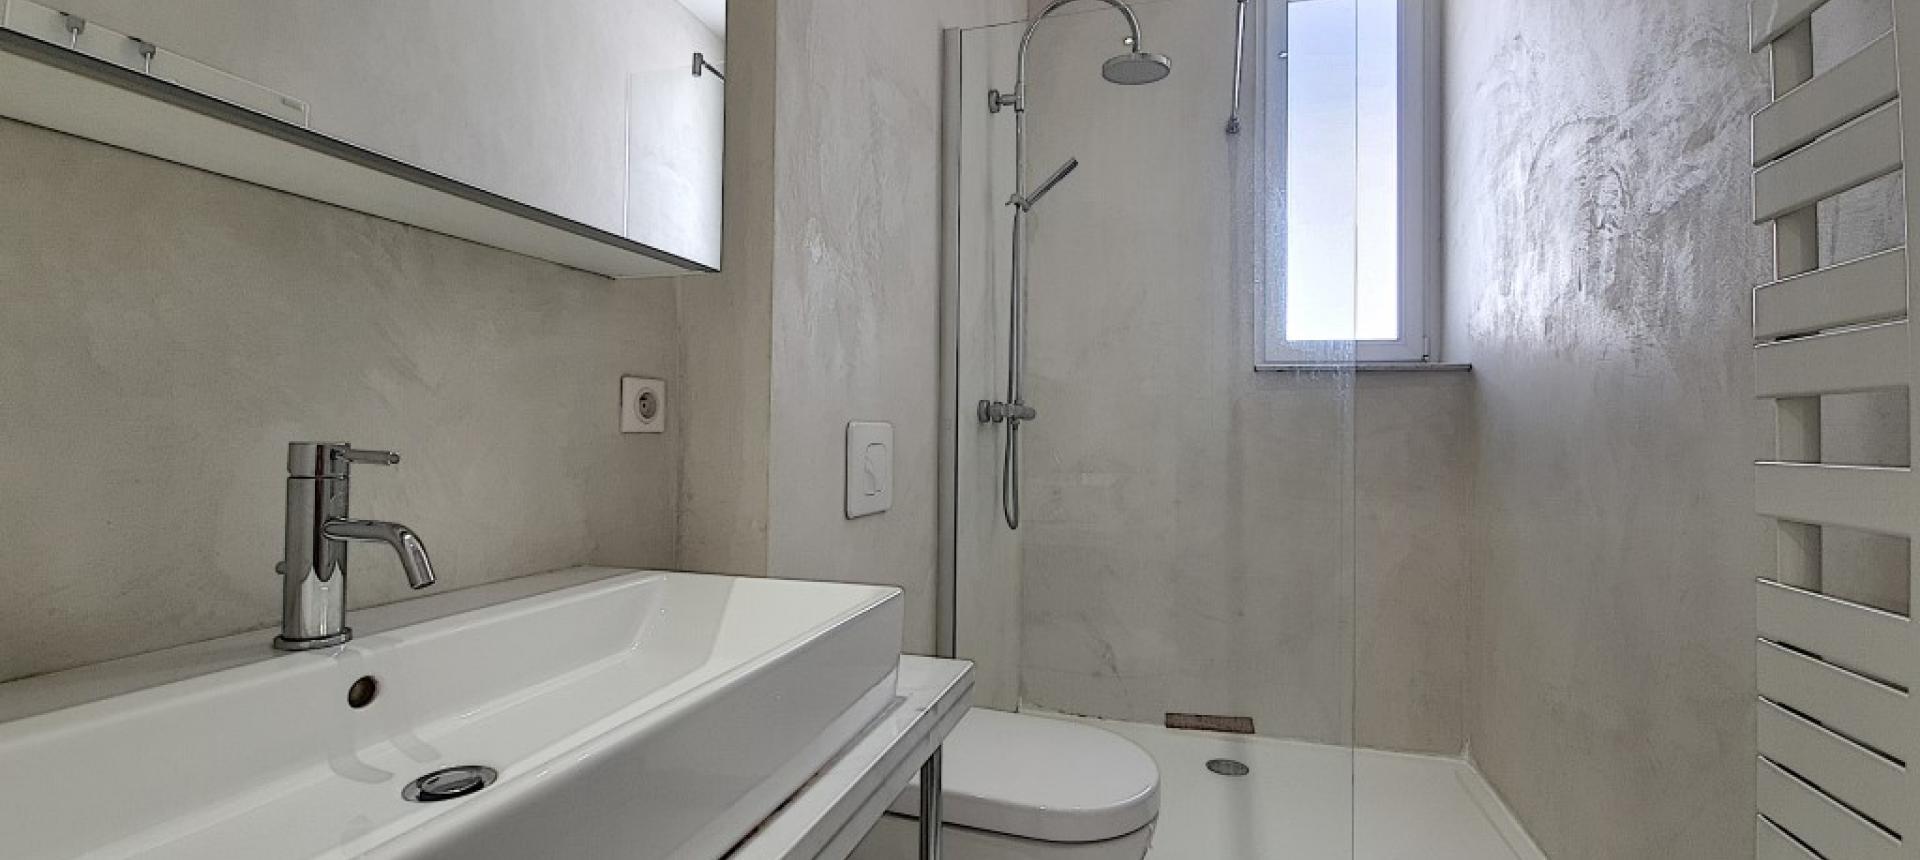 F3 à louer cours Napoléon salle de bains